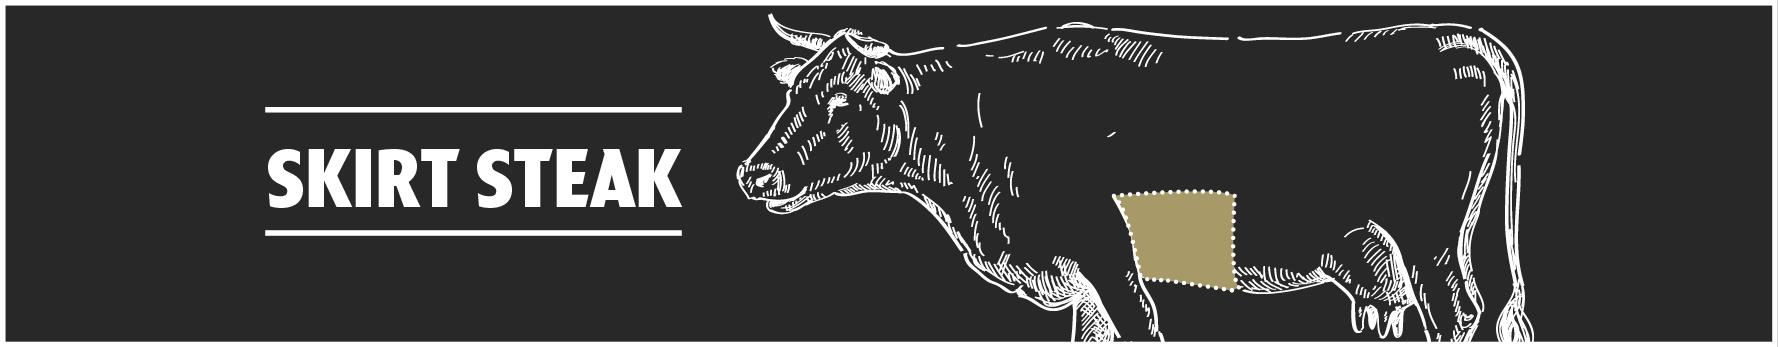 Skirt Steak online kaufen bei Don Carne.de » Nur allerbeste Qualität ✔ Sichere & schnelle Lieferung ✔ Kontrollierte und zertifizierte Herkunft ✔ Kostenloser Versand ab 99€ Bestellwert ✔